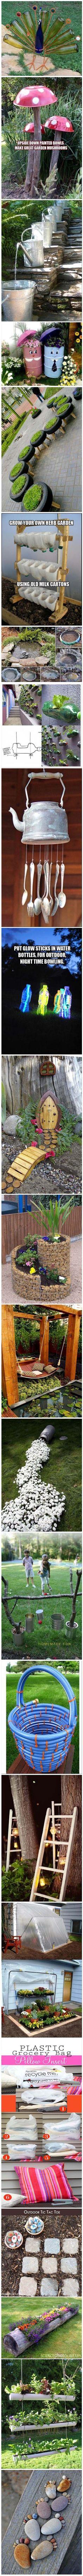 DIY Simple Outdoor Ideas: